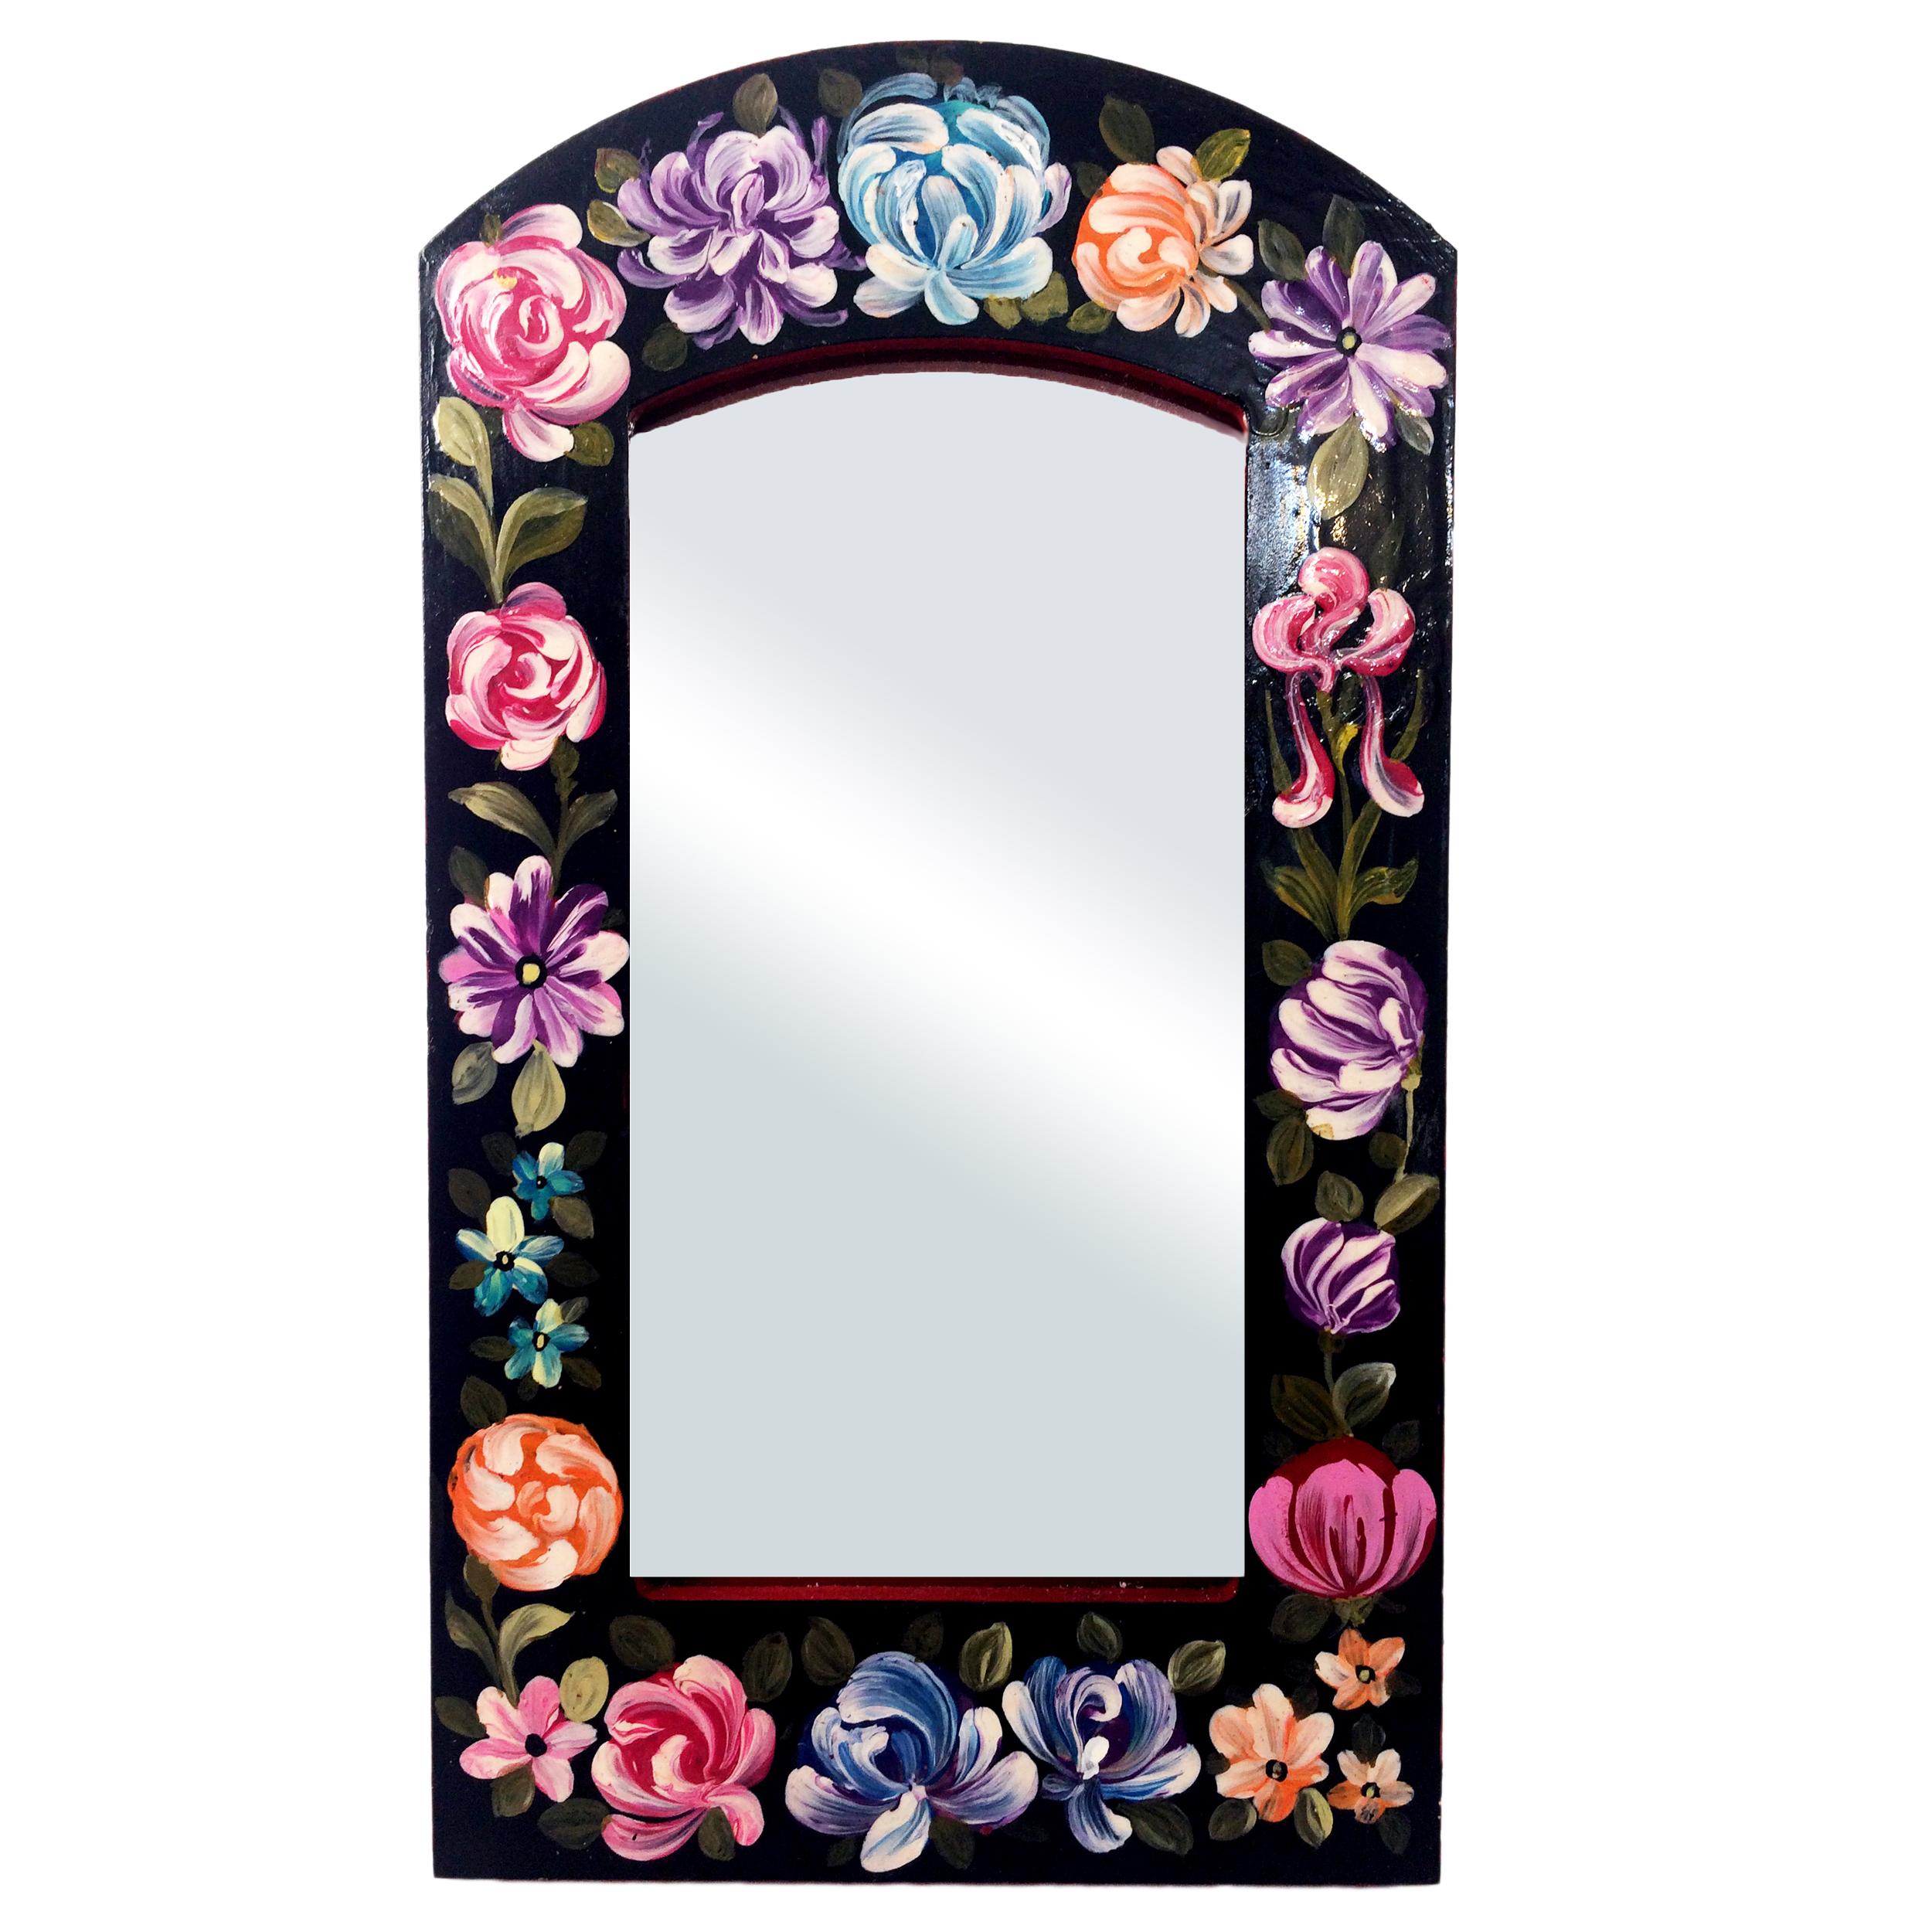 خرید                      آینه مدل گل و مرغ کد 005